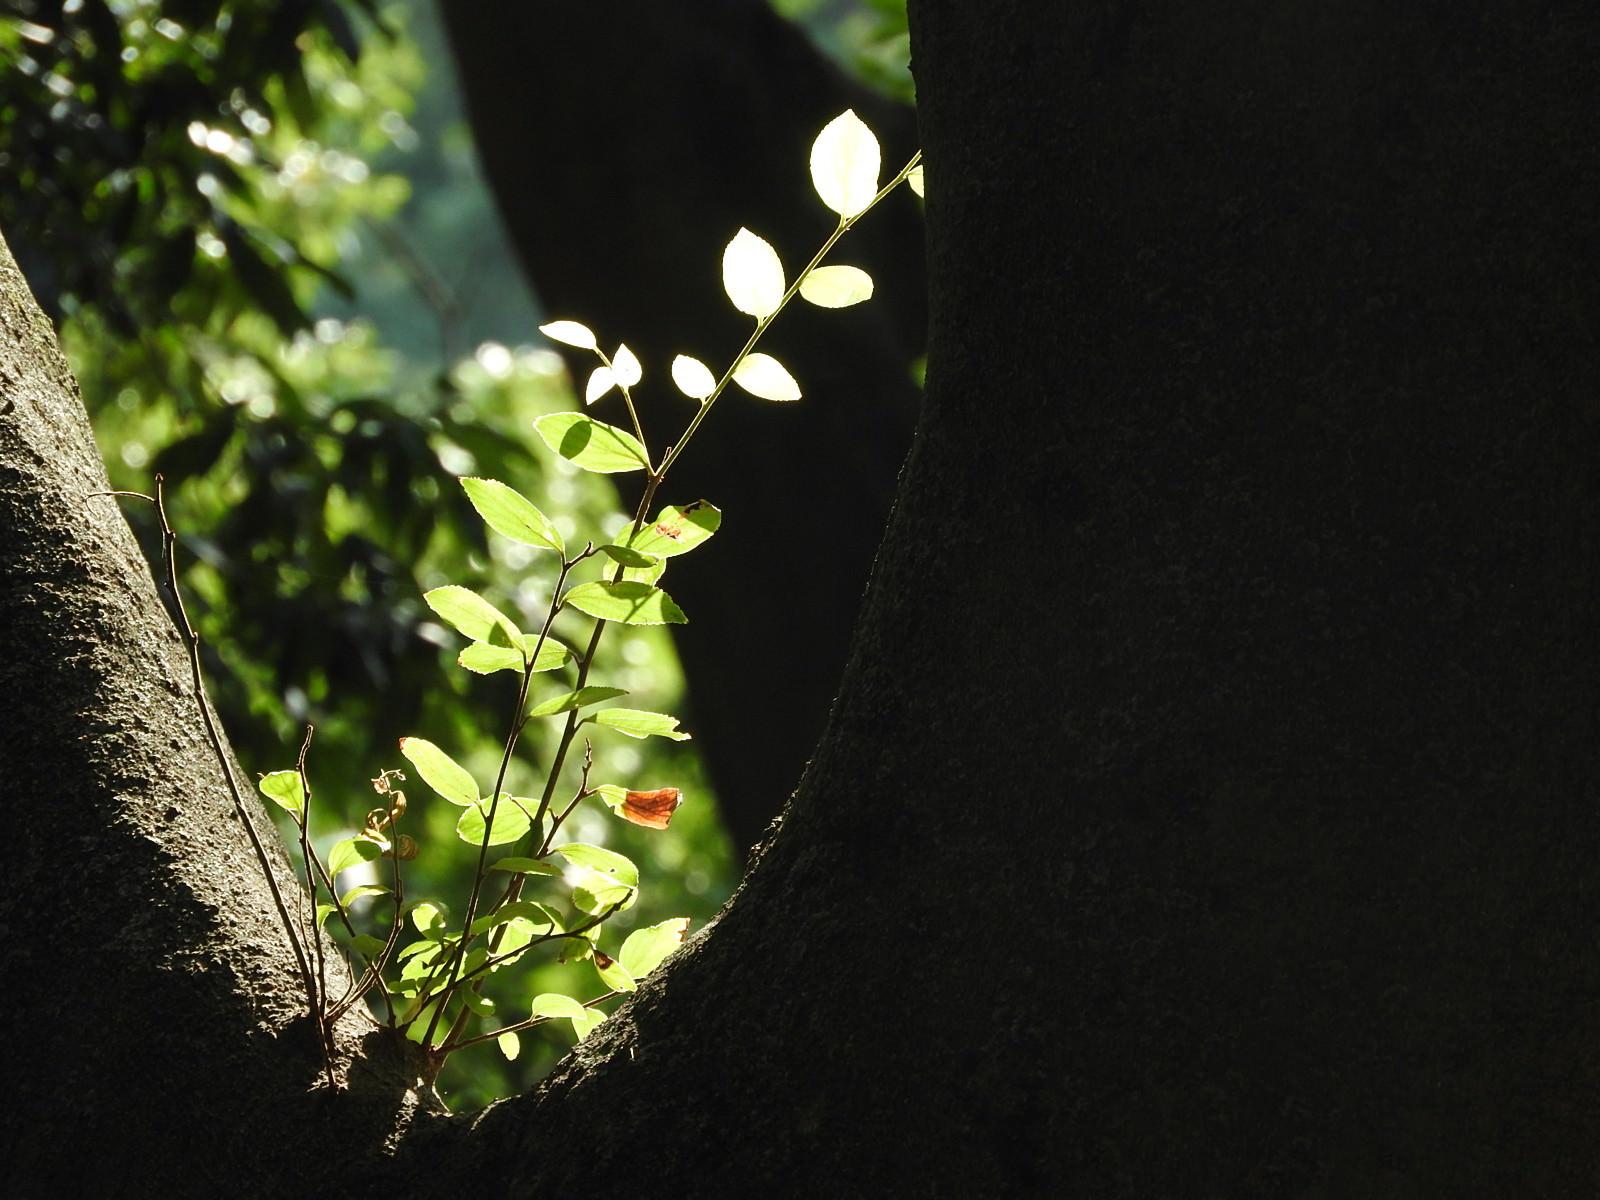 「ひだまりの枝」の写真